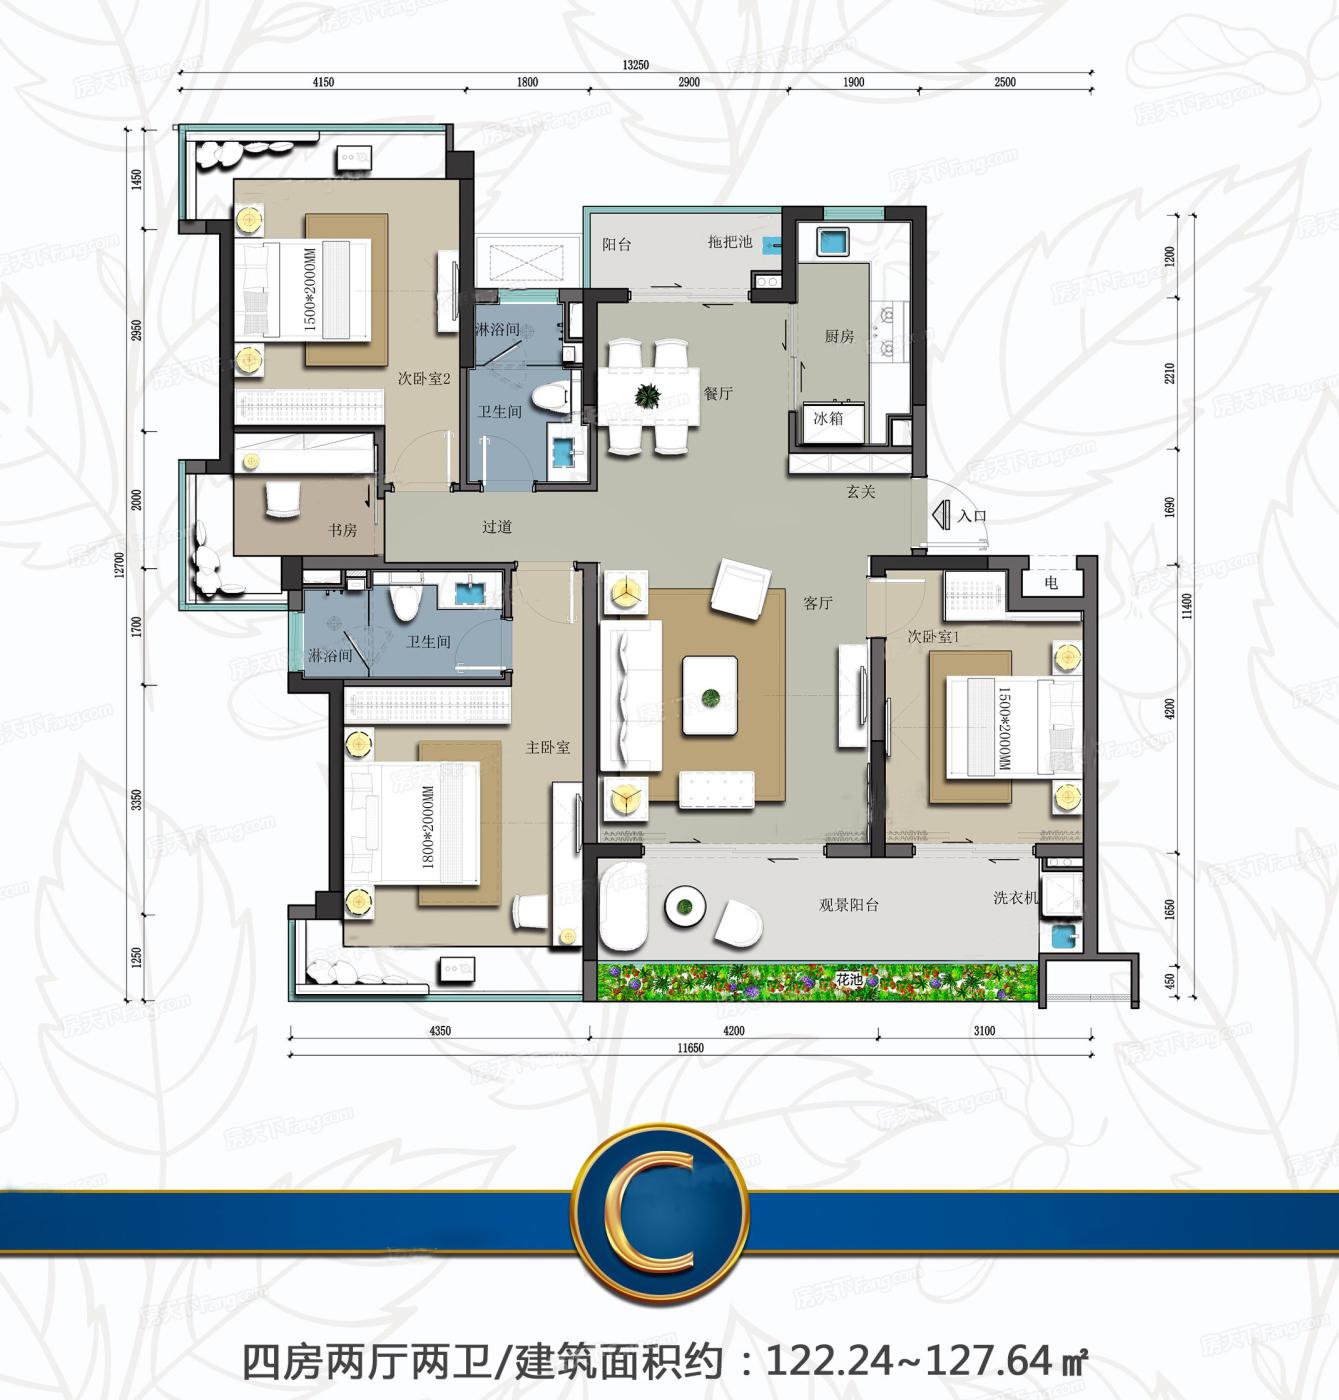 吕宋岛C户型 4室2厅2卫 建面122.24-127.64㎡